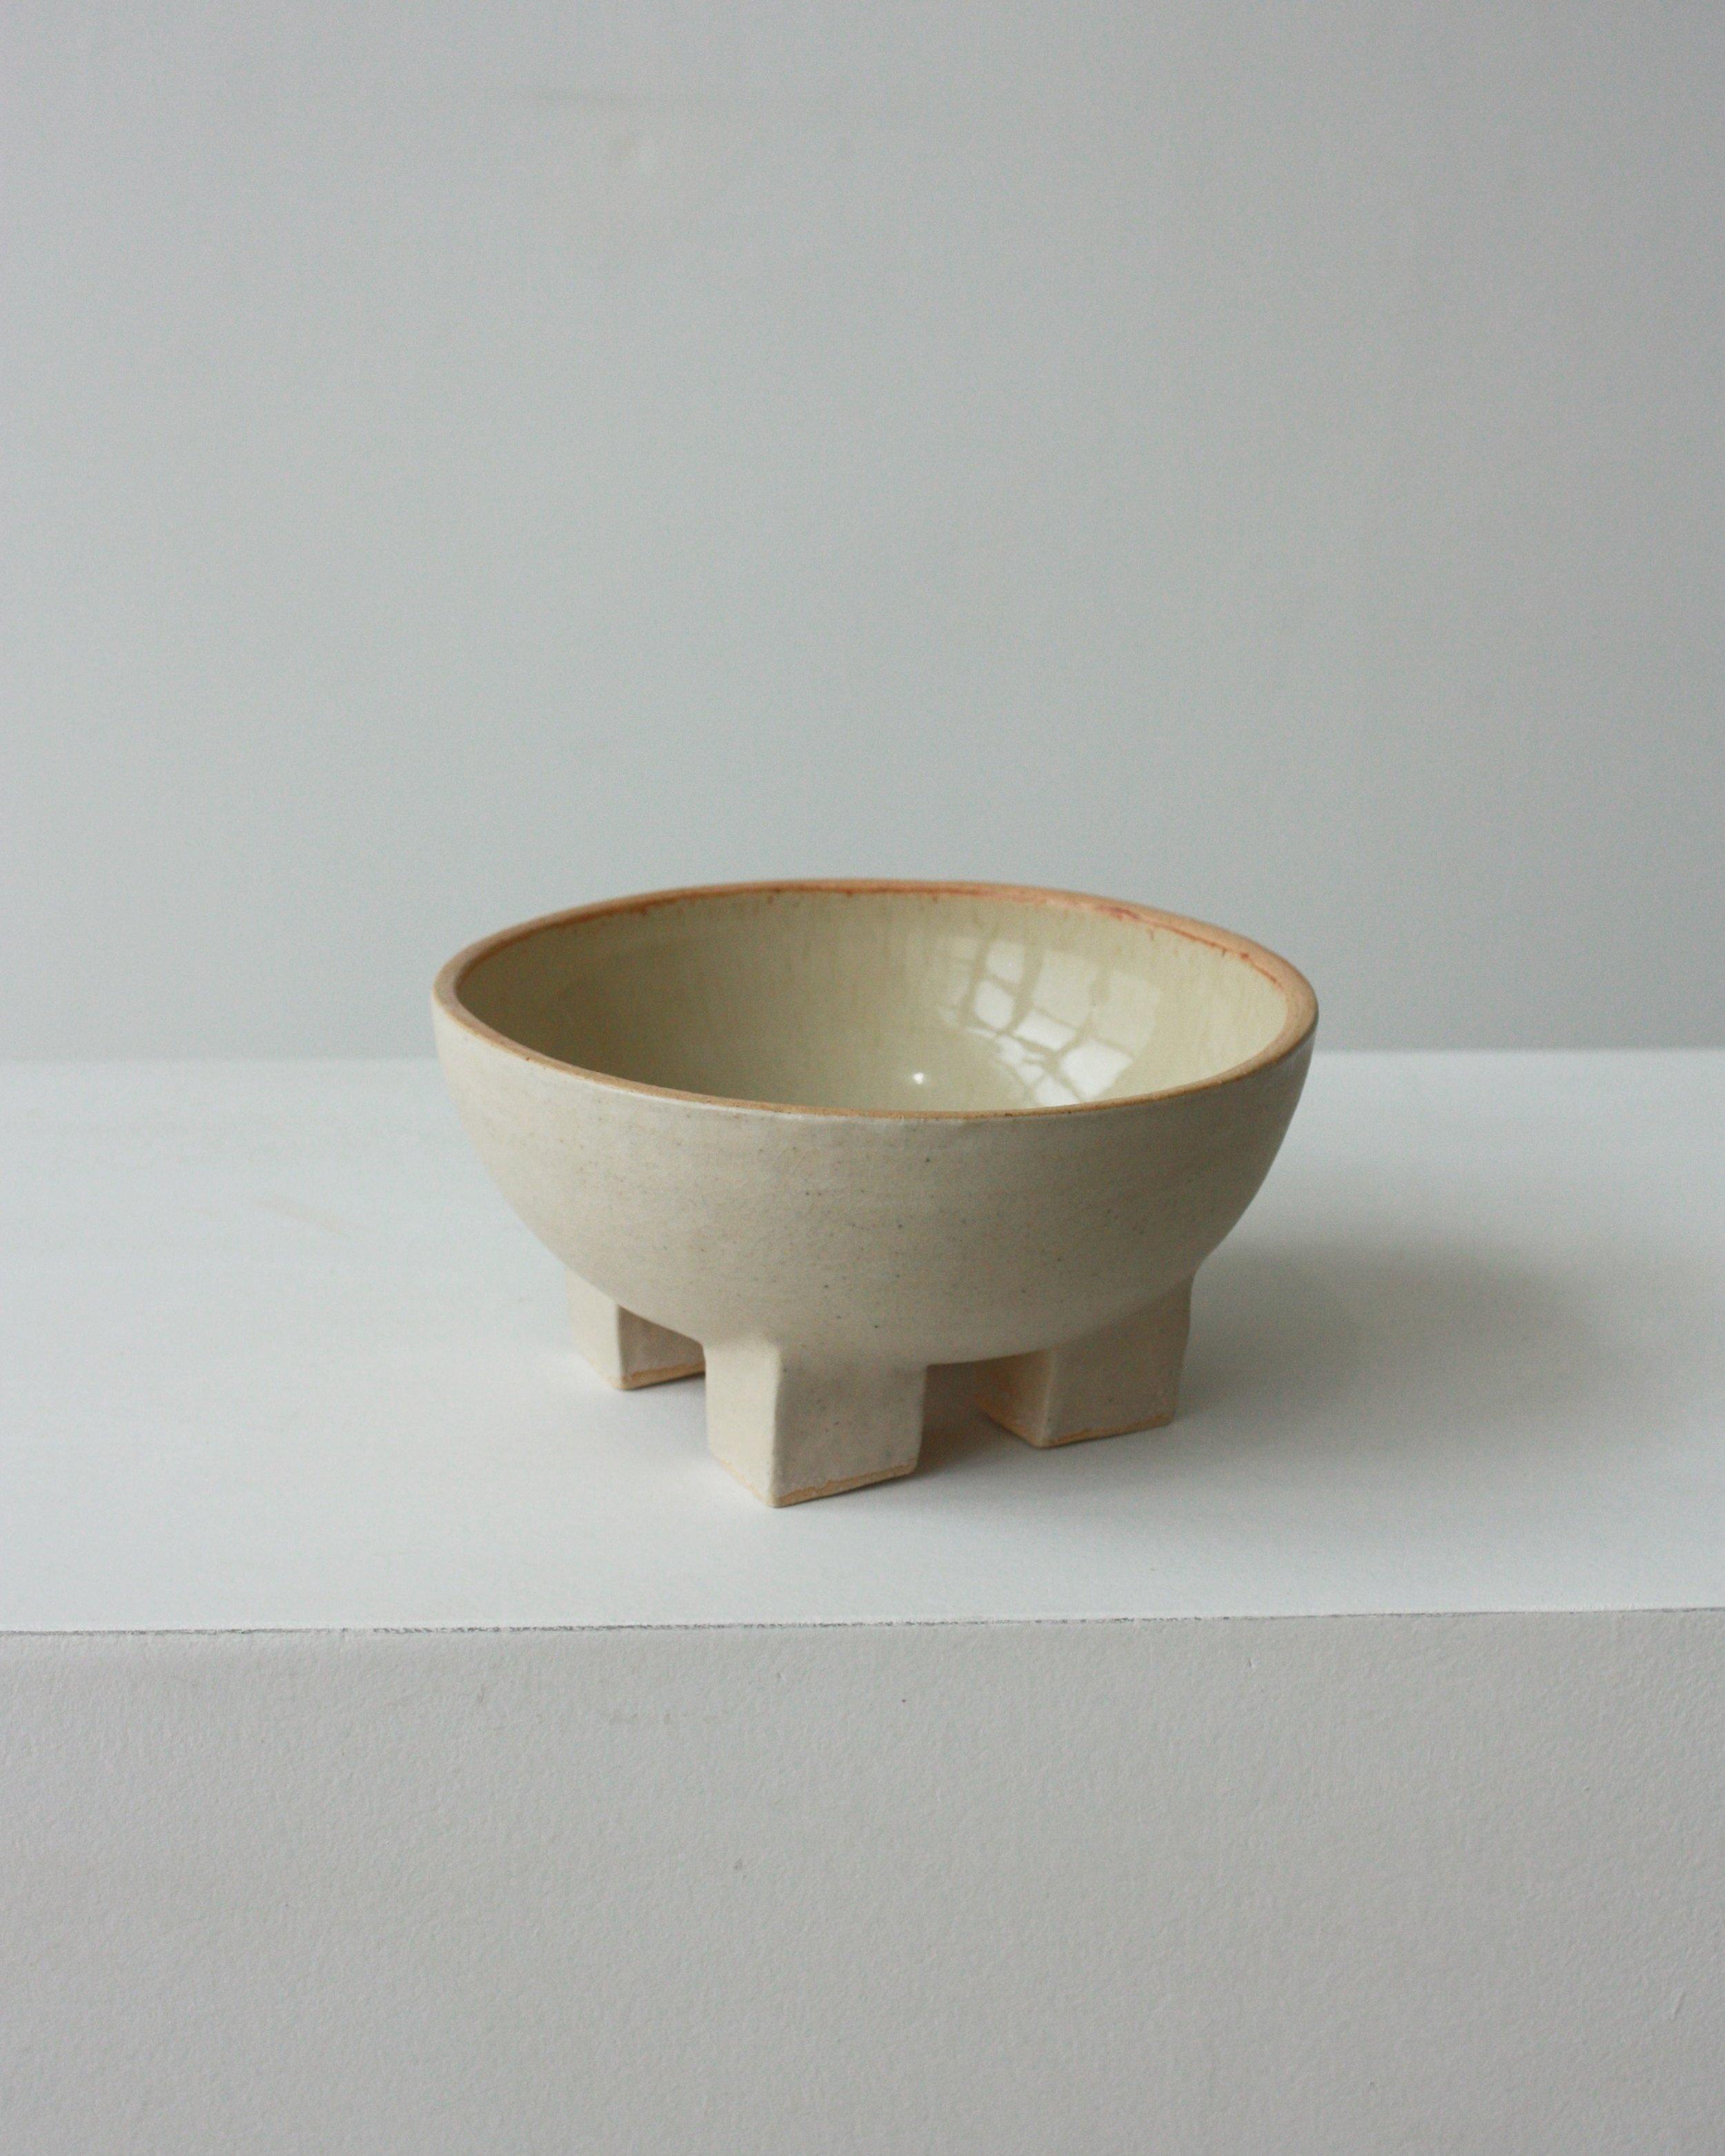 Stone Colored Ritual Bowl